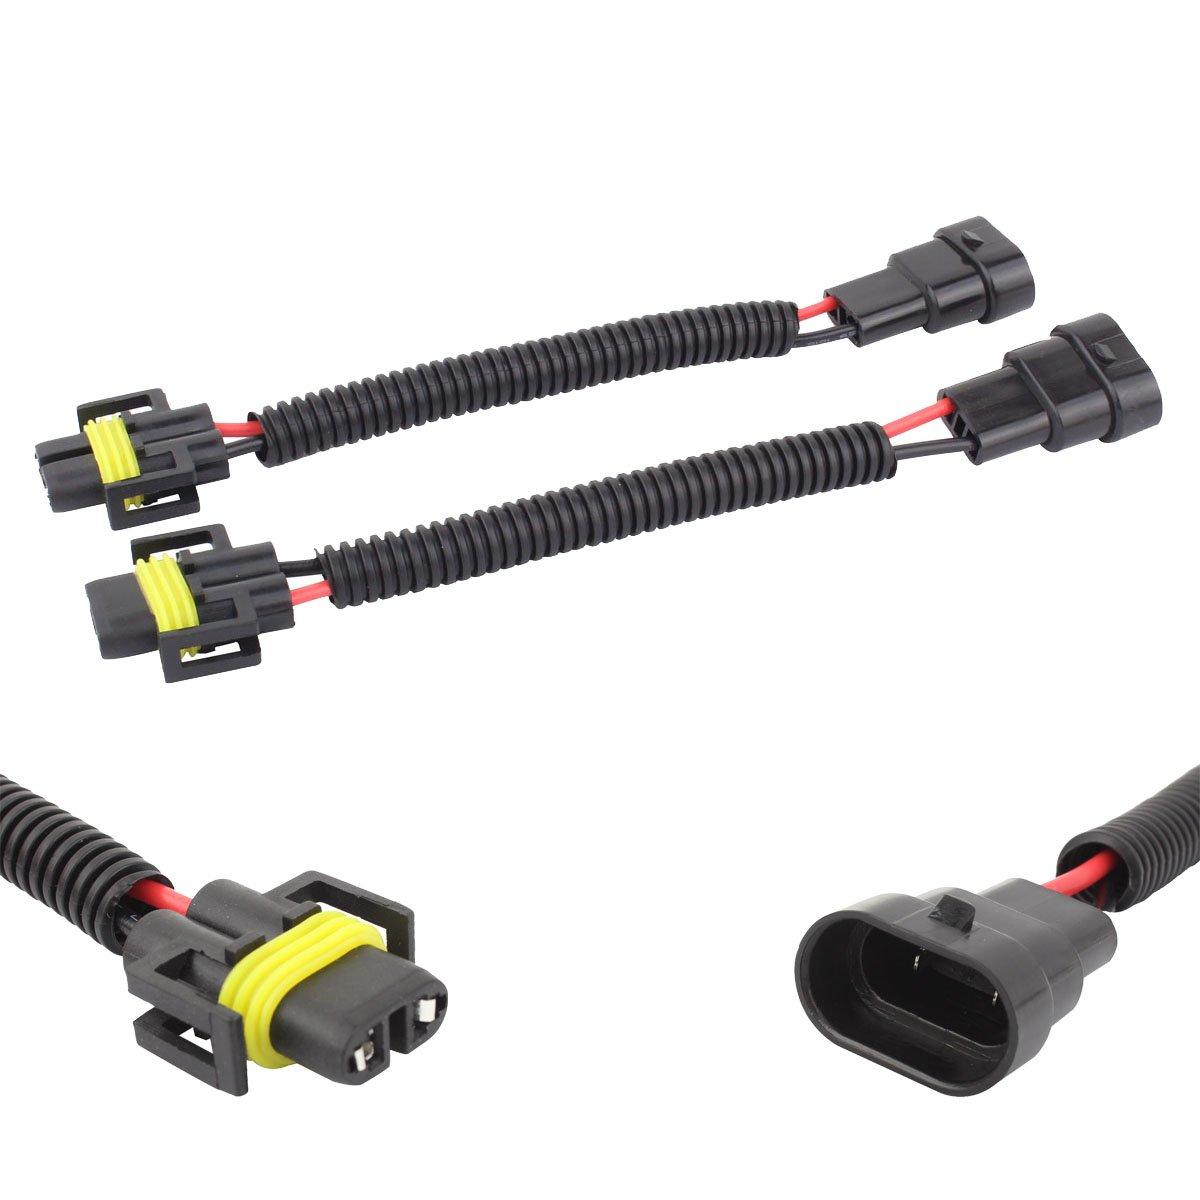 TOMALL Led Conector Adaptador Bombilla de luz 9006 de 9005 a H11 H8 Cableado de reequipamiento para luz de niebla LED Conector de 12 cm (5 pulgadas)